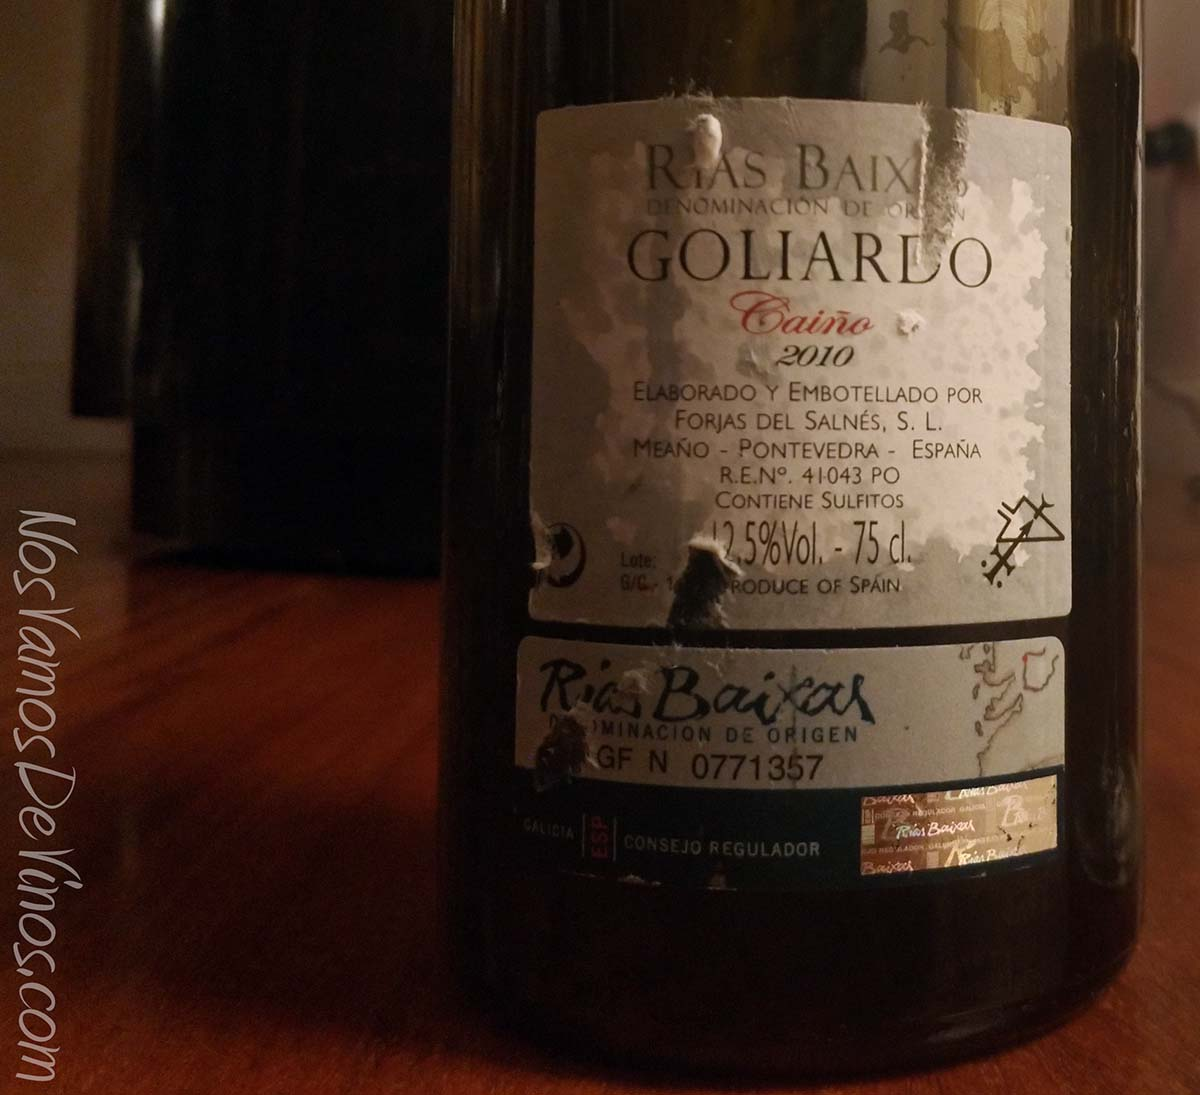 Goliardo Caiño 2010 Etiqueta Trasera